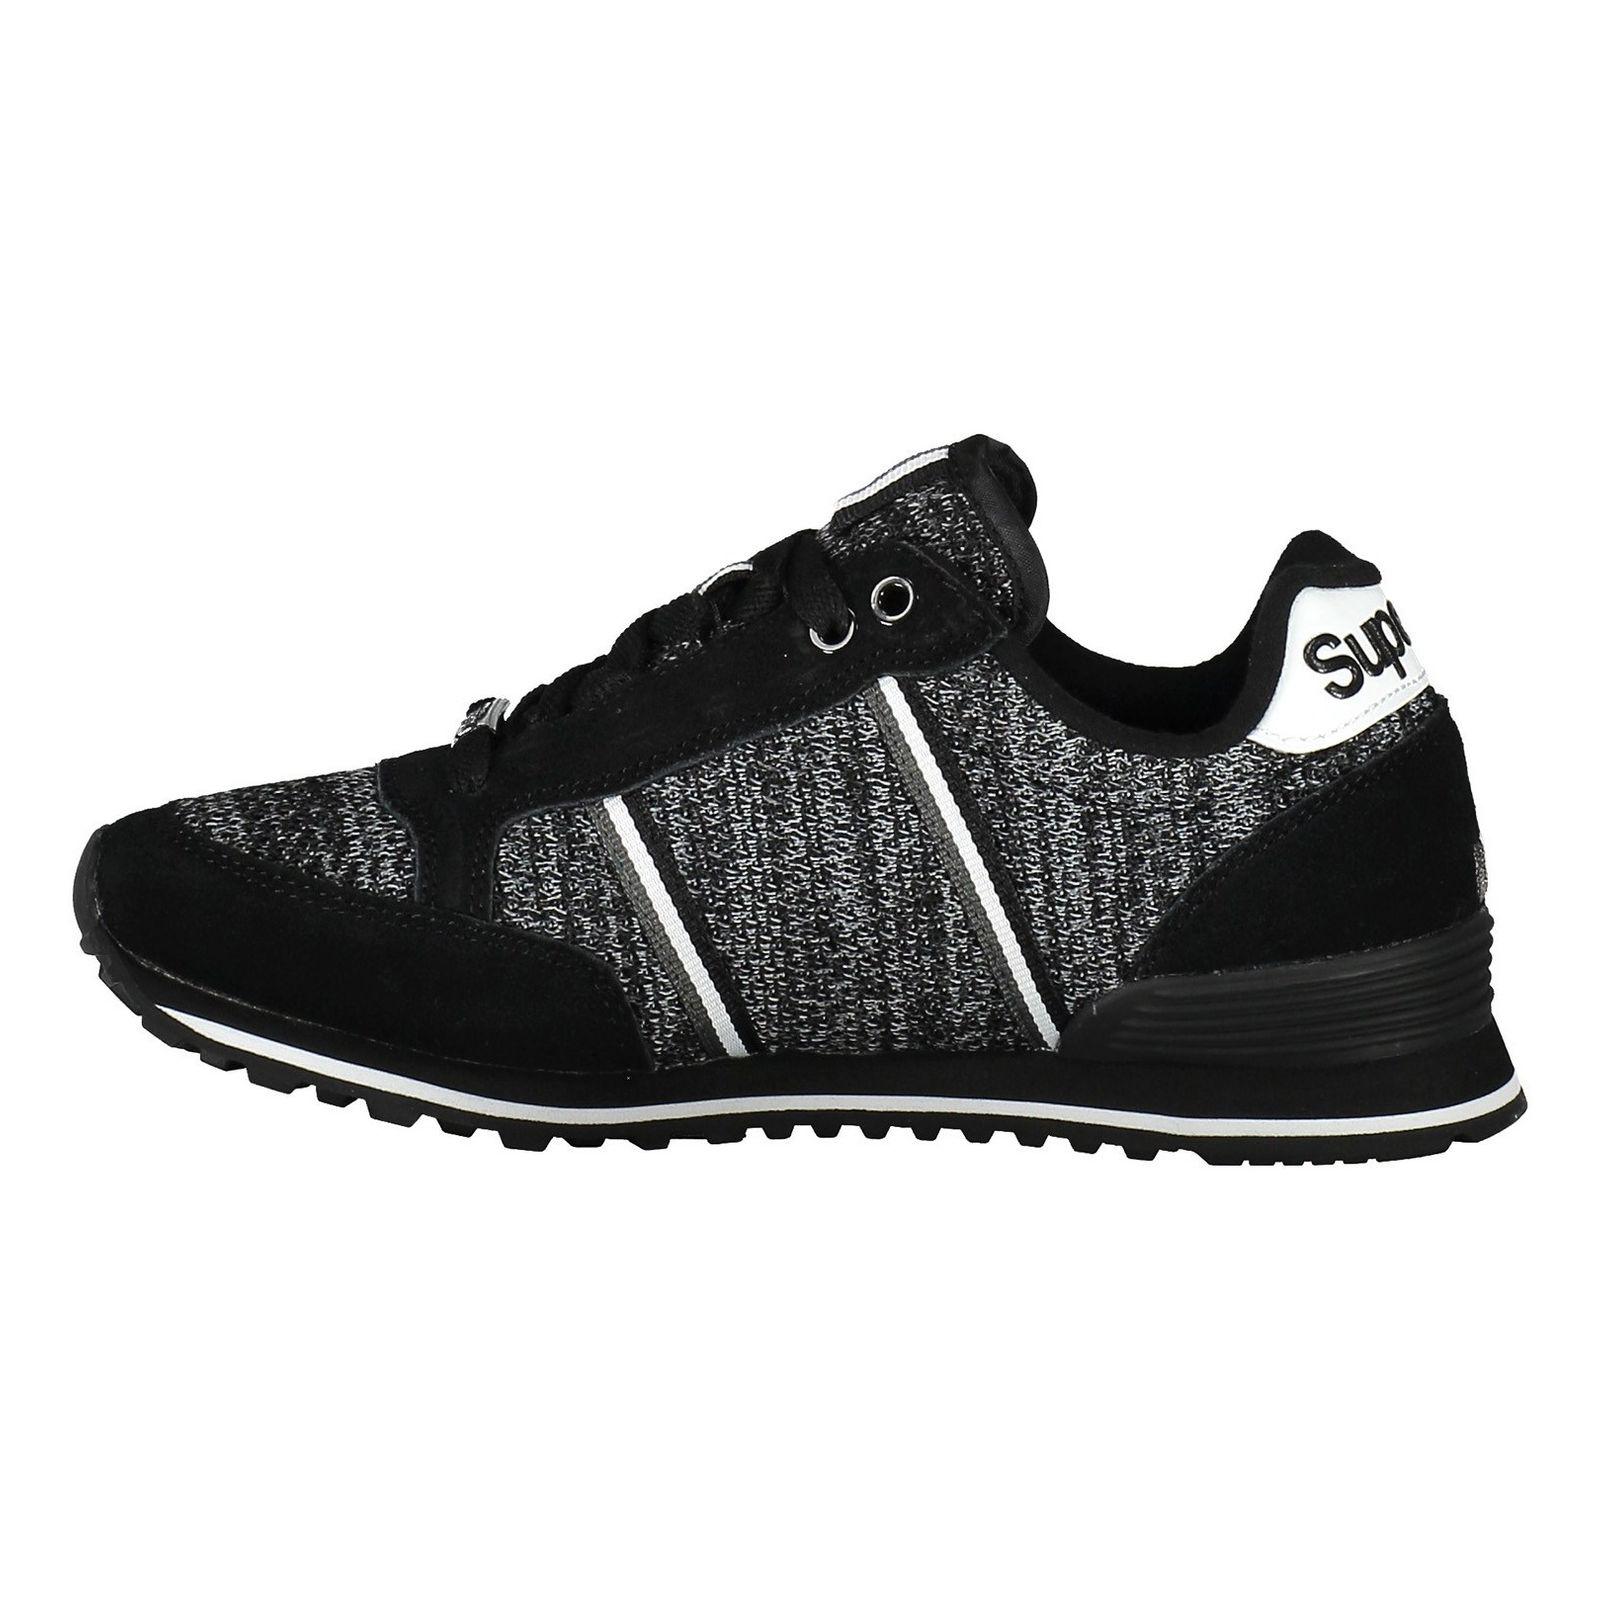 کفش دویدن زنانه FUJI RUNNER - سوپردرای - مشکي - 3